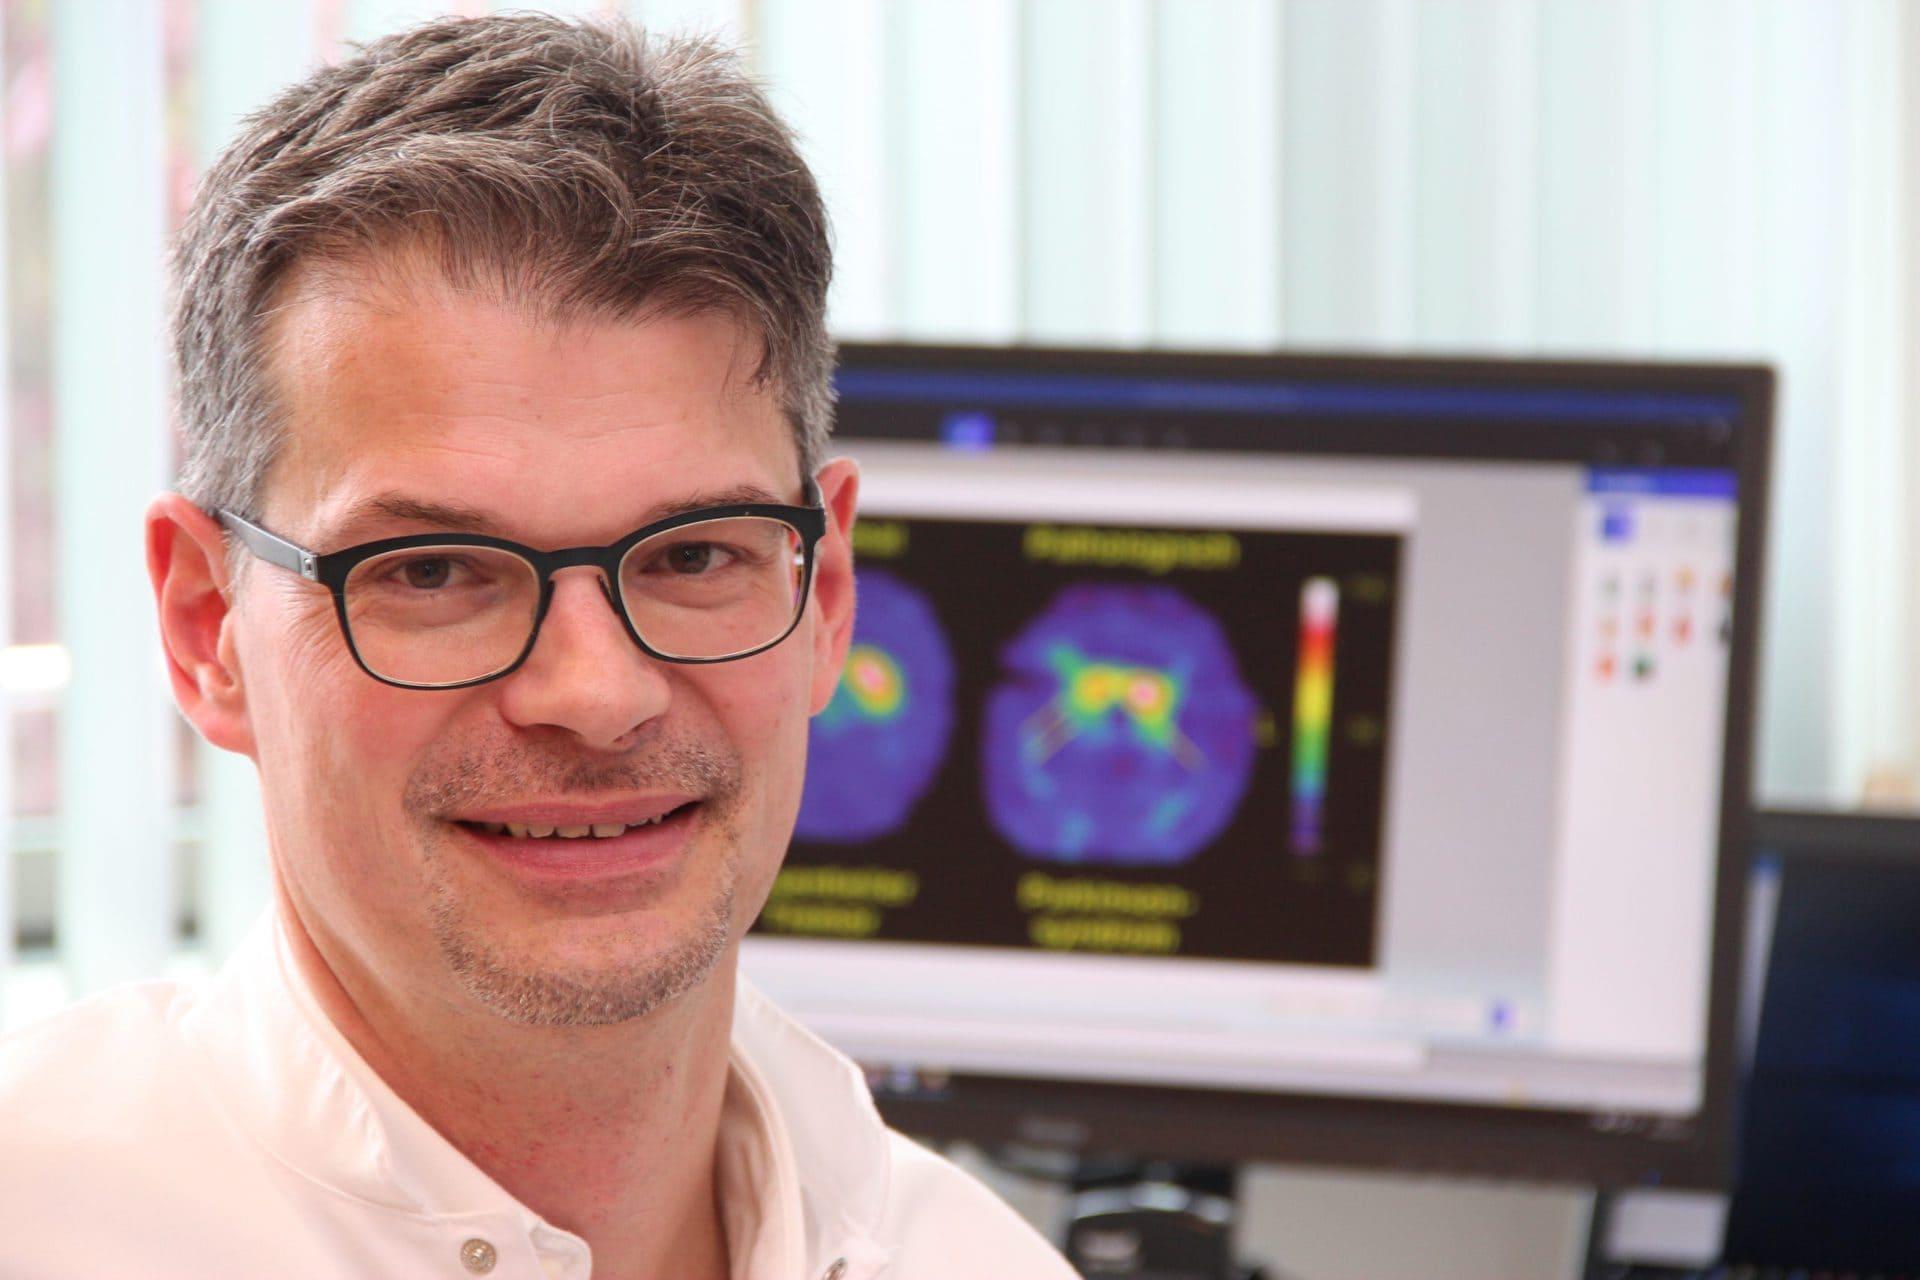 Neue Huntington-Ambulanz in Regensburg Hoffnung für Betroffene der tödlichen Erbkrankheit